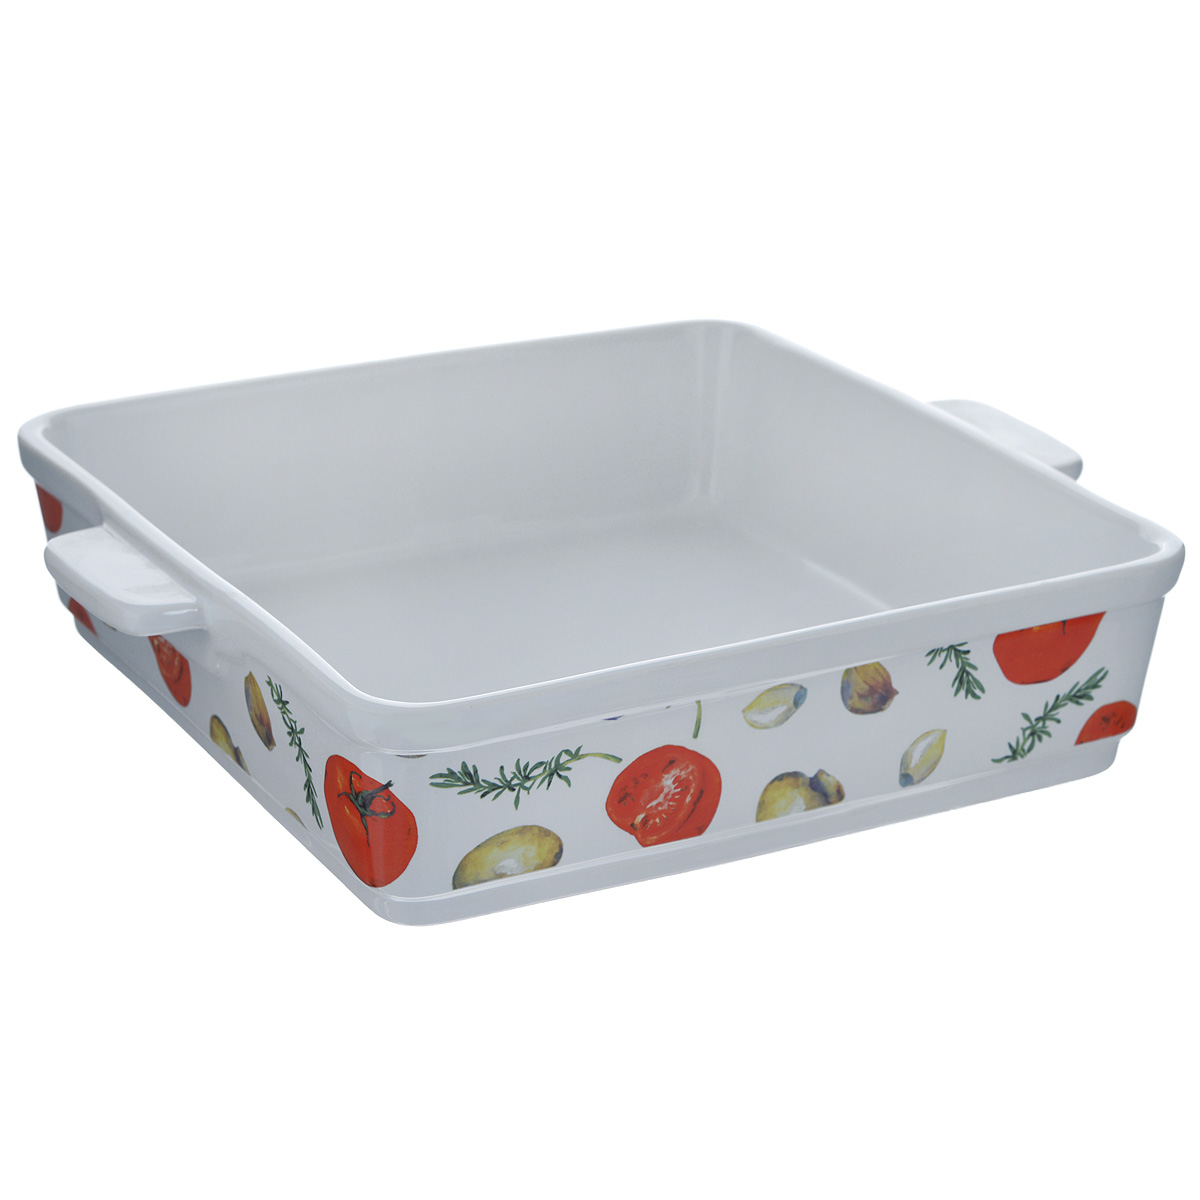 """Квадратная форма для запекания Едим Дома """"Прованс"""" изготовлена из   жаропрочной керамики, покрытой глазурью. Такая керамика выдерживает   температуру от -30°С до +220°С, что позволяет использовать ее и в   холодильнике, и в духовке. Изделие декорировано изображением овощей. Форма   идеальна для запекания мяса и овощей. Оснащена удобными ручками.   Можно использовать в микроволновой печи и духовке. Можно мыть в   посудомоечной машине.  Внутренний размер формы: 26 см х 26 см.  Размер формы (с учетом ручек): 31 см х 26 см.  Высота стенки: 7 см.   Как выбрать форму для выпечки – статья на OZON Гид."""